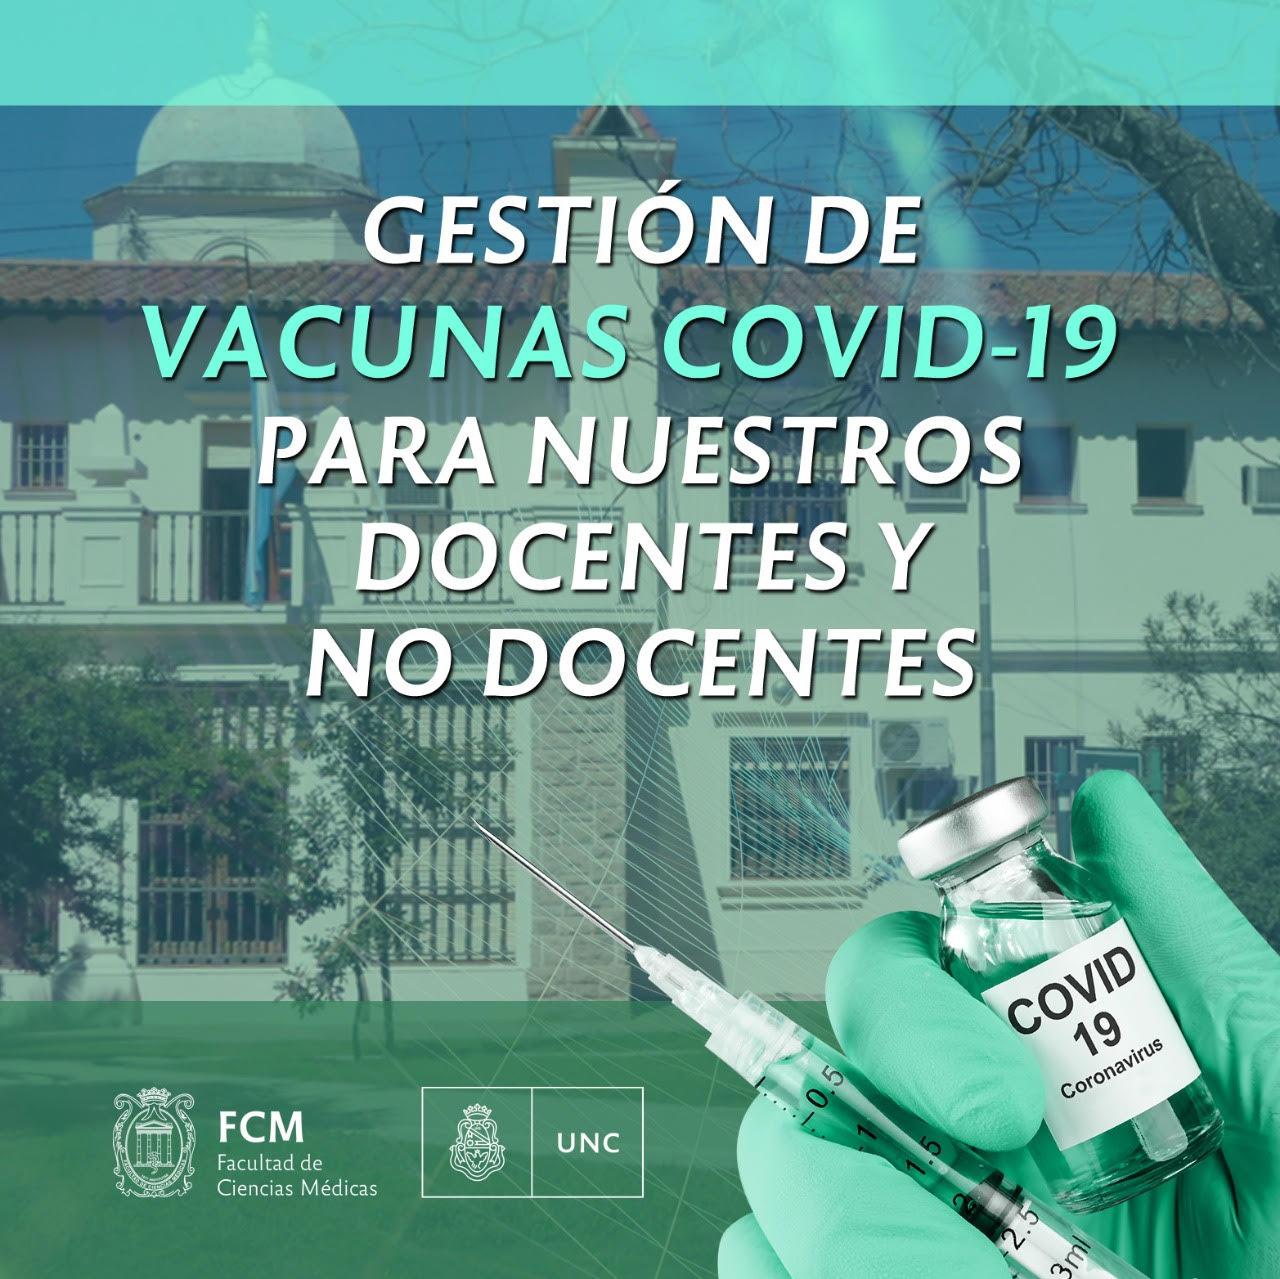 Gestión de vacunas Covid-19 para docentes y nodocentes de la FCM